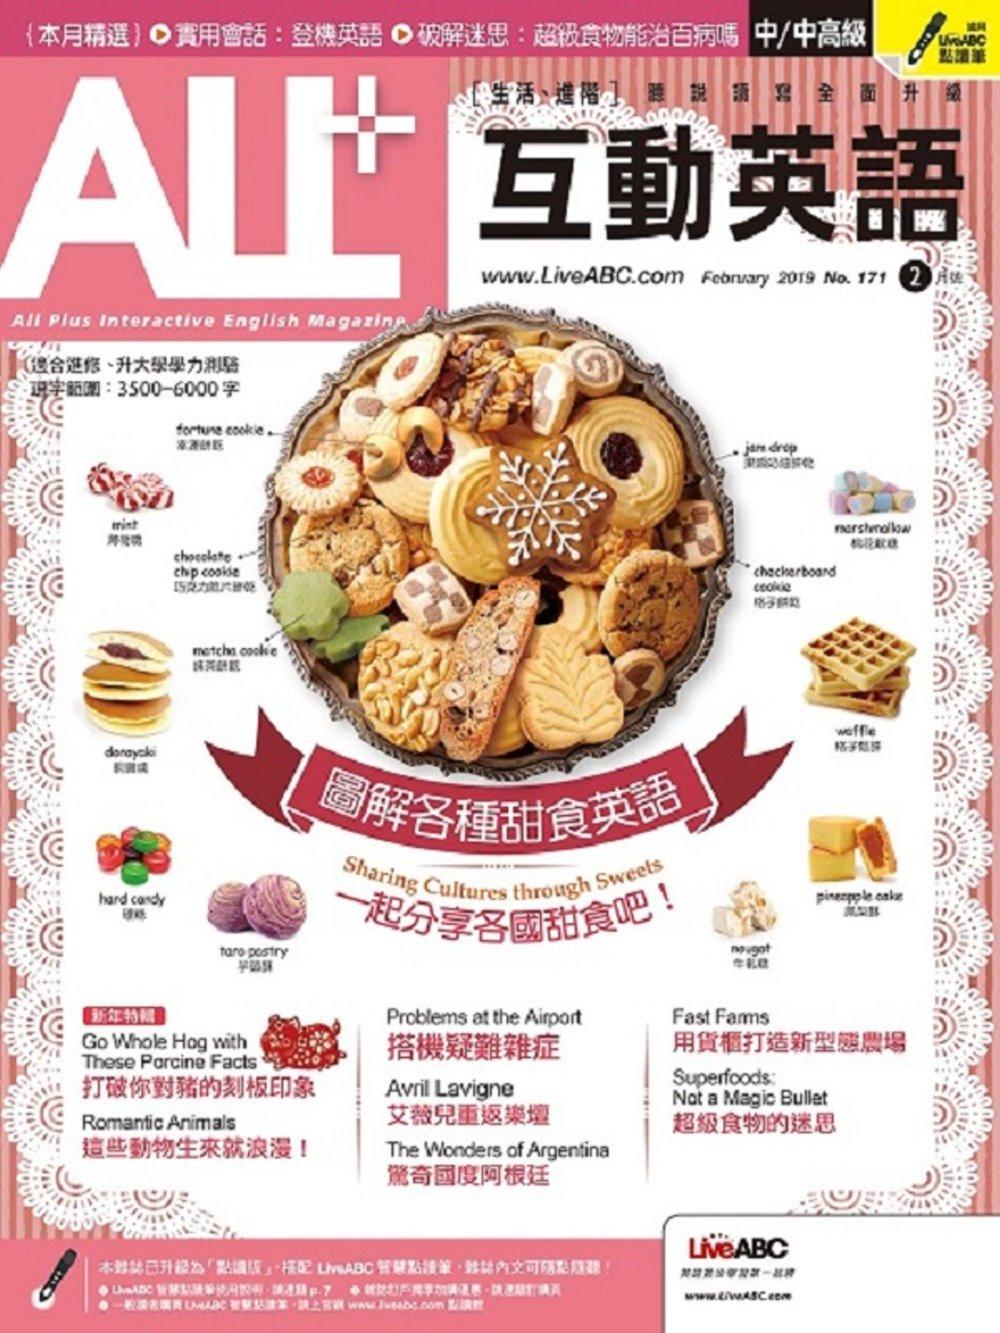 ALL+互動英語(雜誌版)一年12期